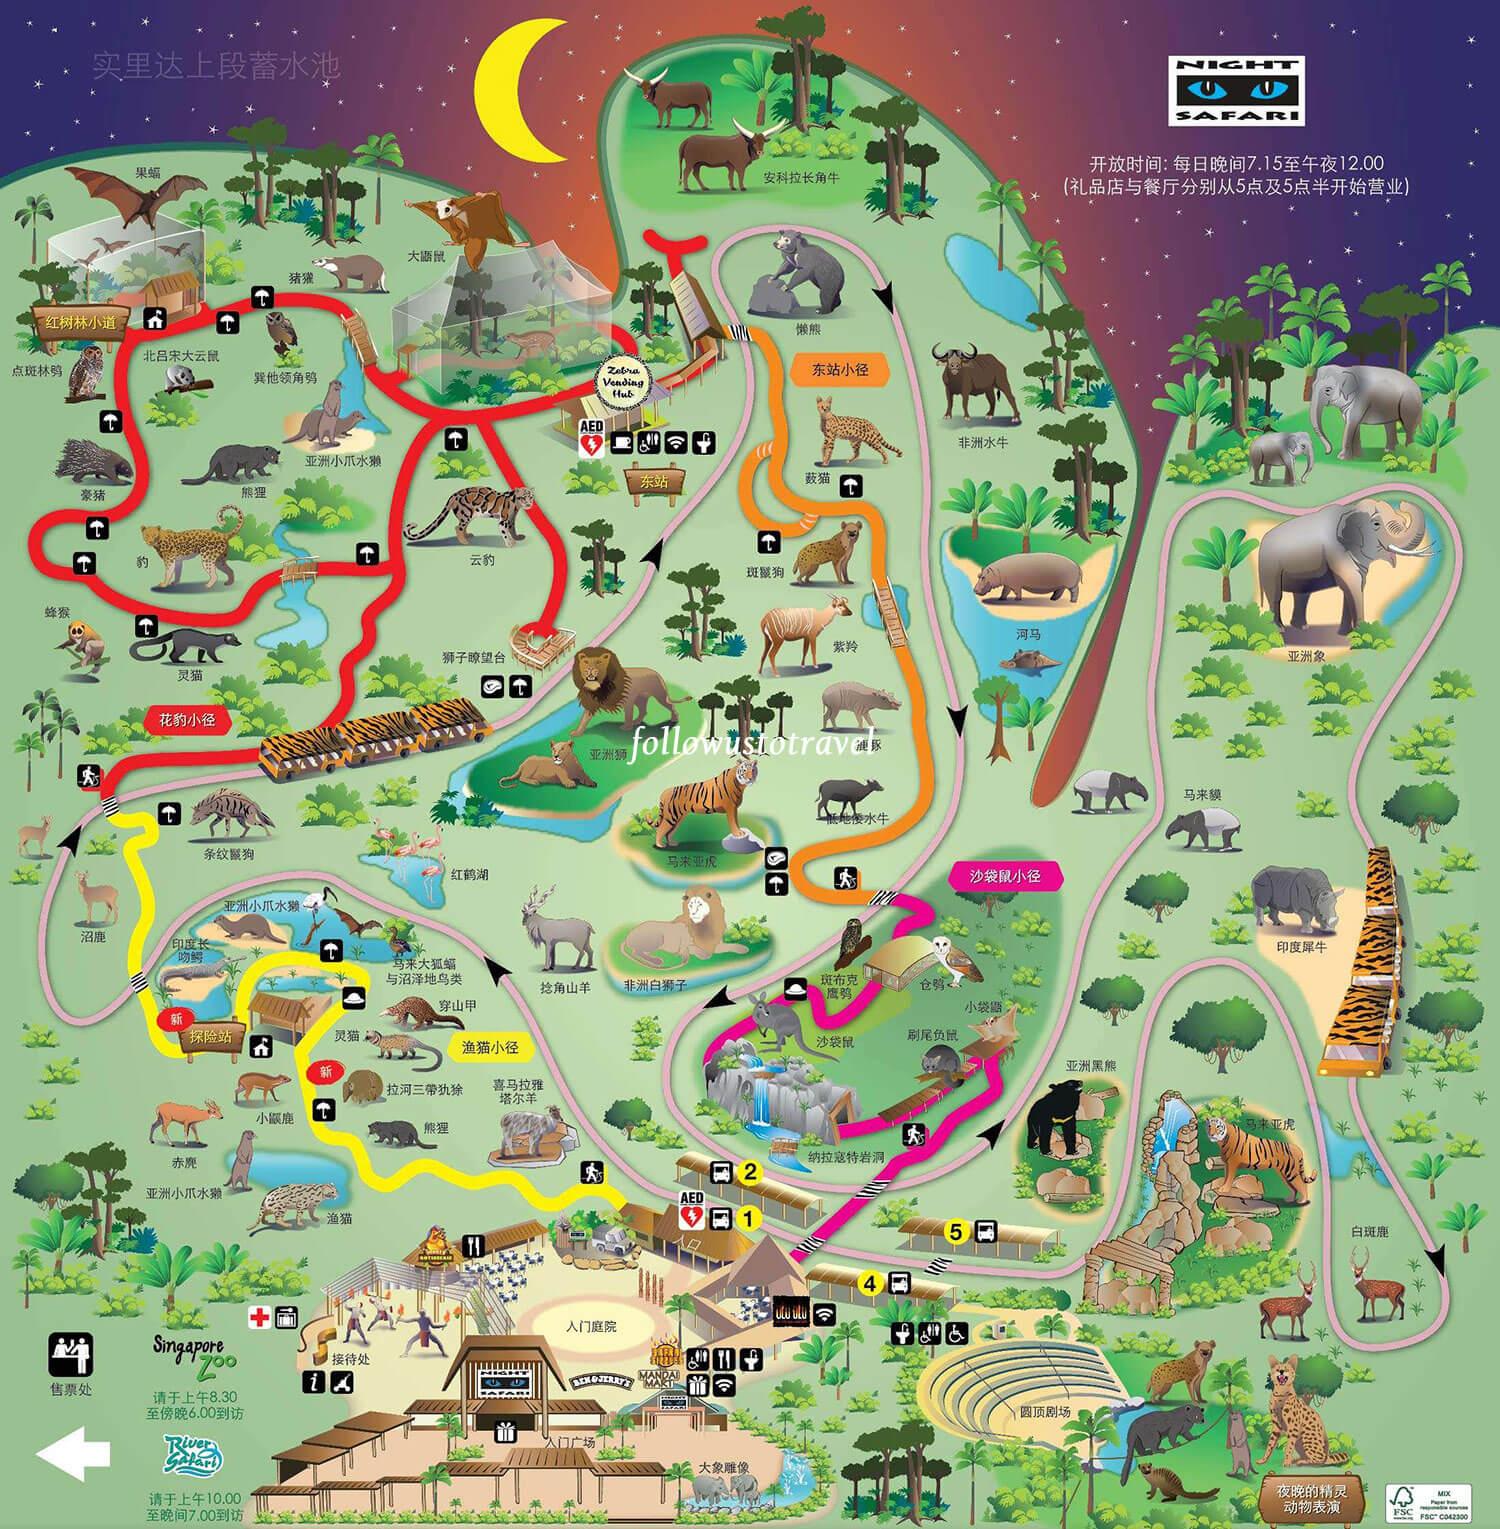 新加坡夜间动物园地图